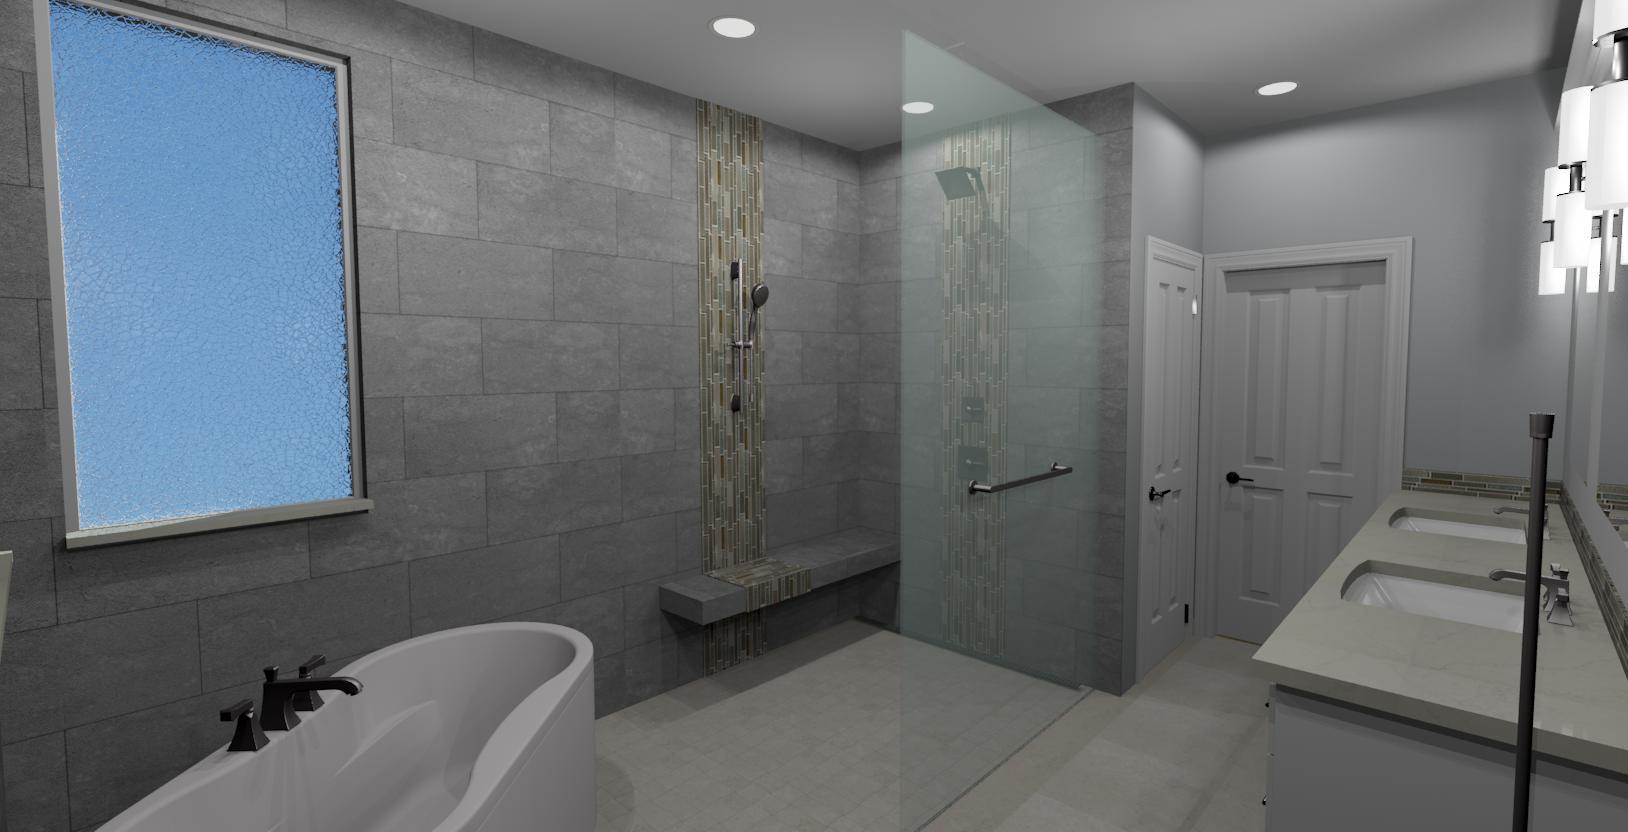 3D full bath remodel design rendering